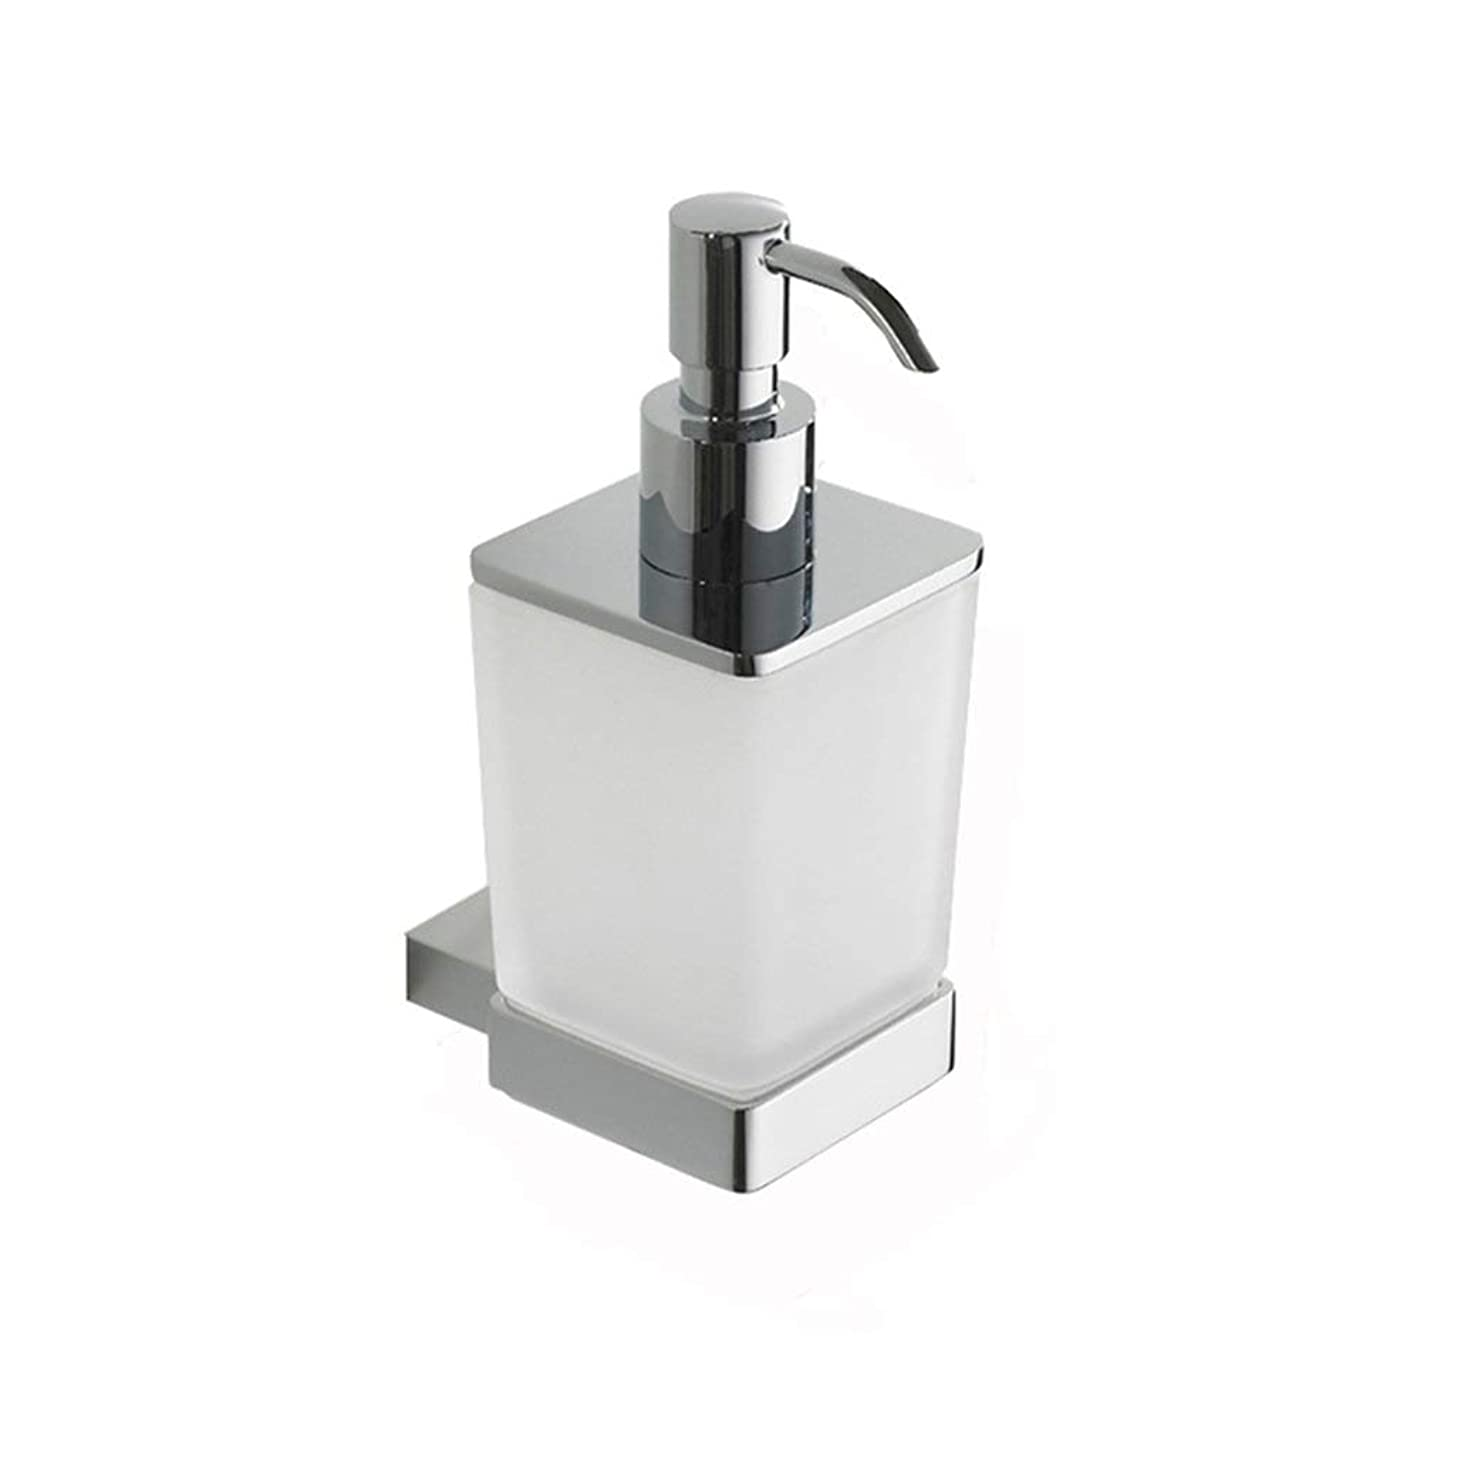 スキムスリチンモイ保証するKylinssh 、浴室のための金属の詰め替え式液体手の石鹸ディスペンサーポンプボトル - 安い、ディスカウント価格また手の消毒剤及び精油のために使用することができます